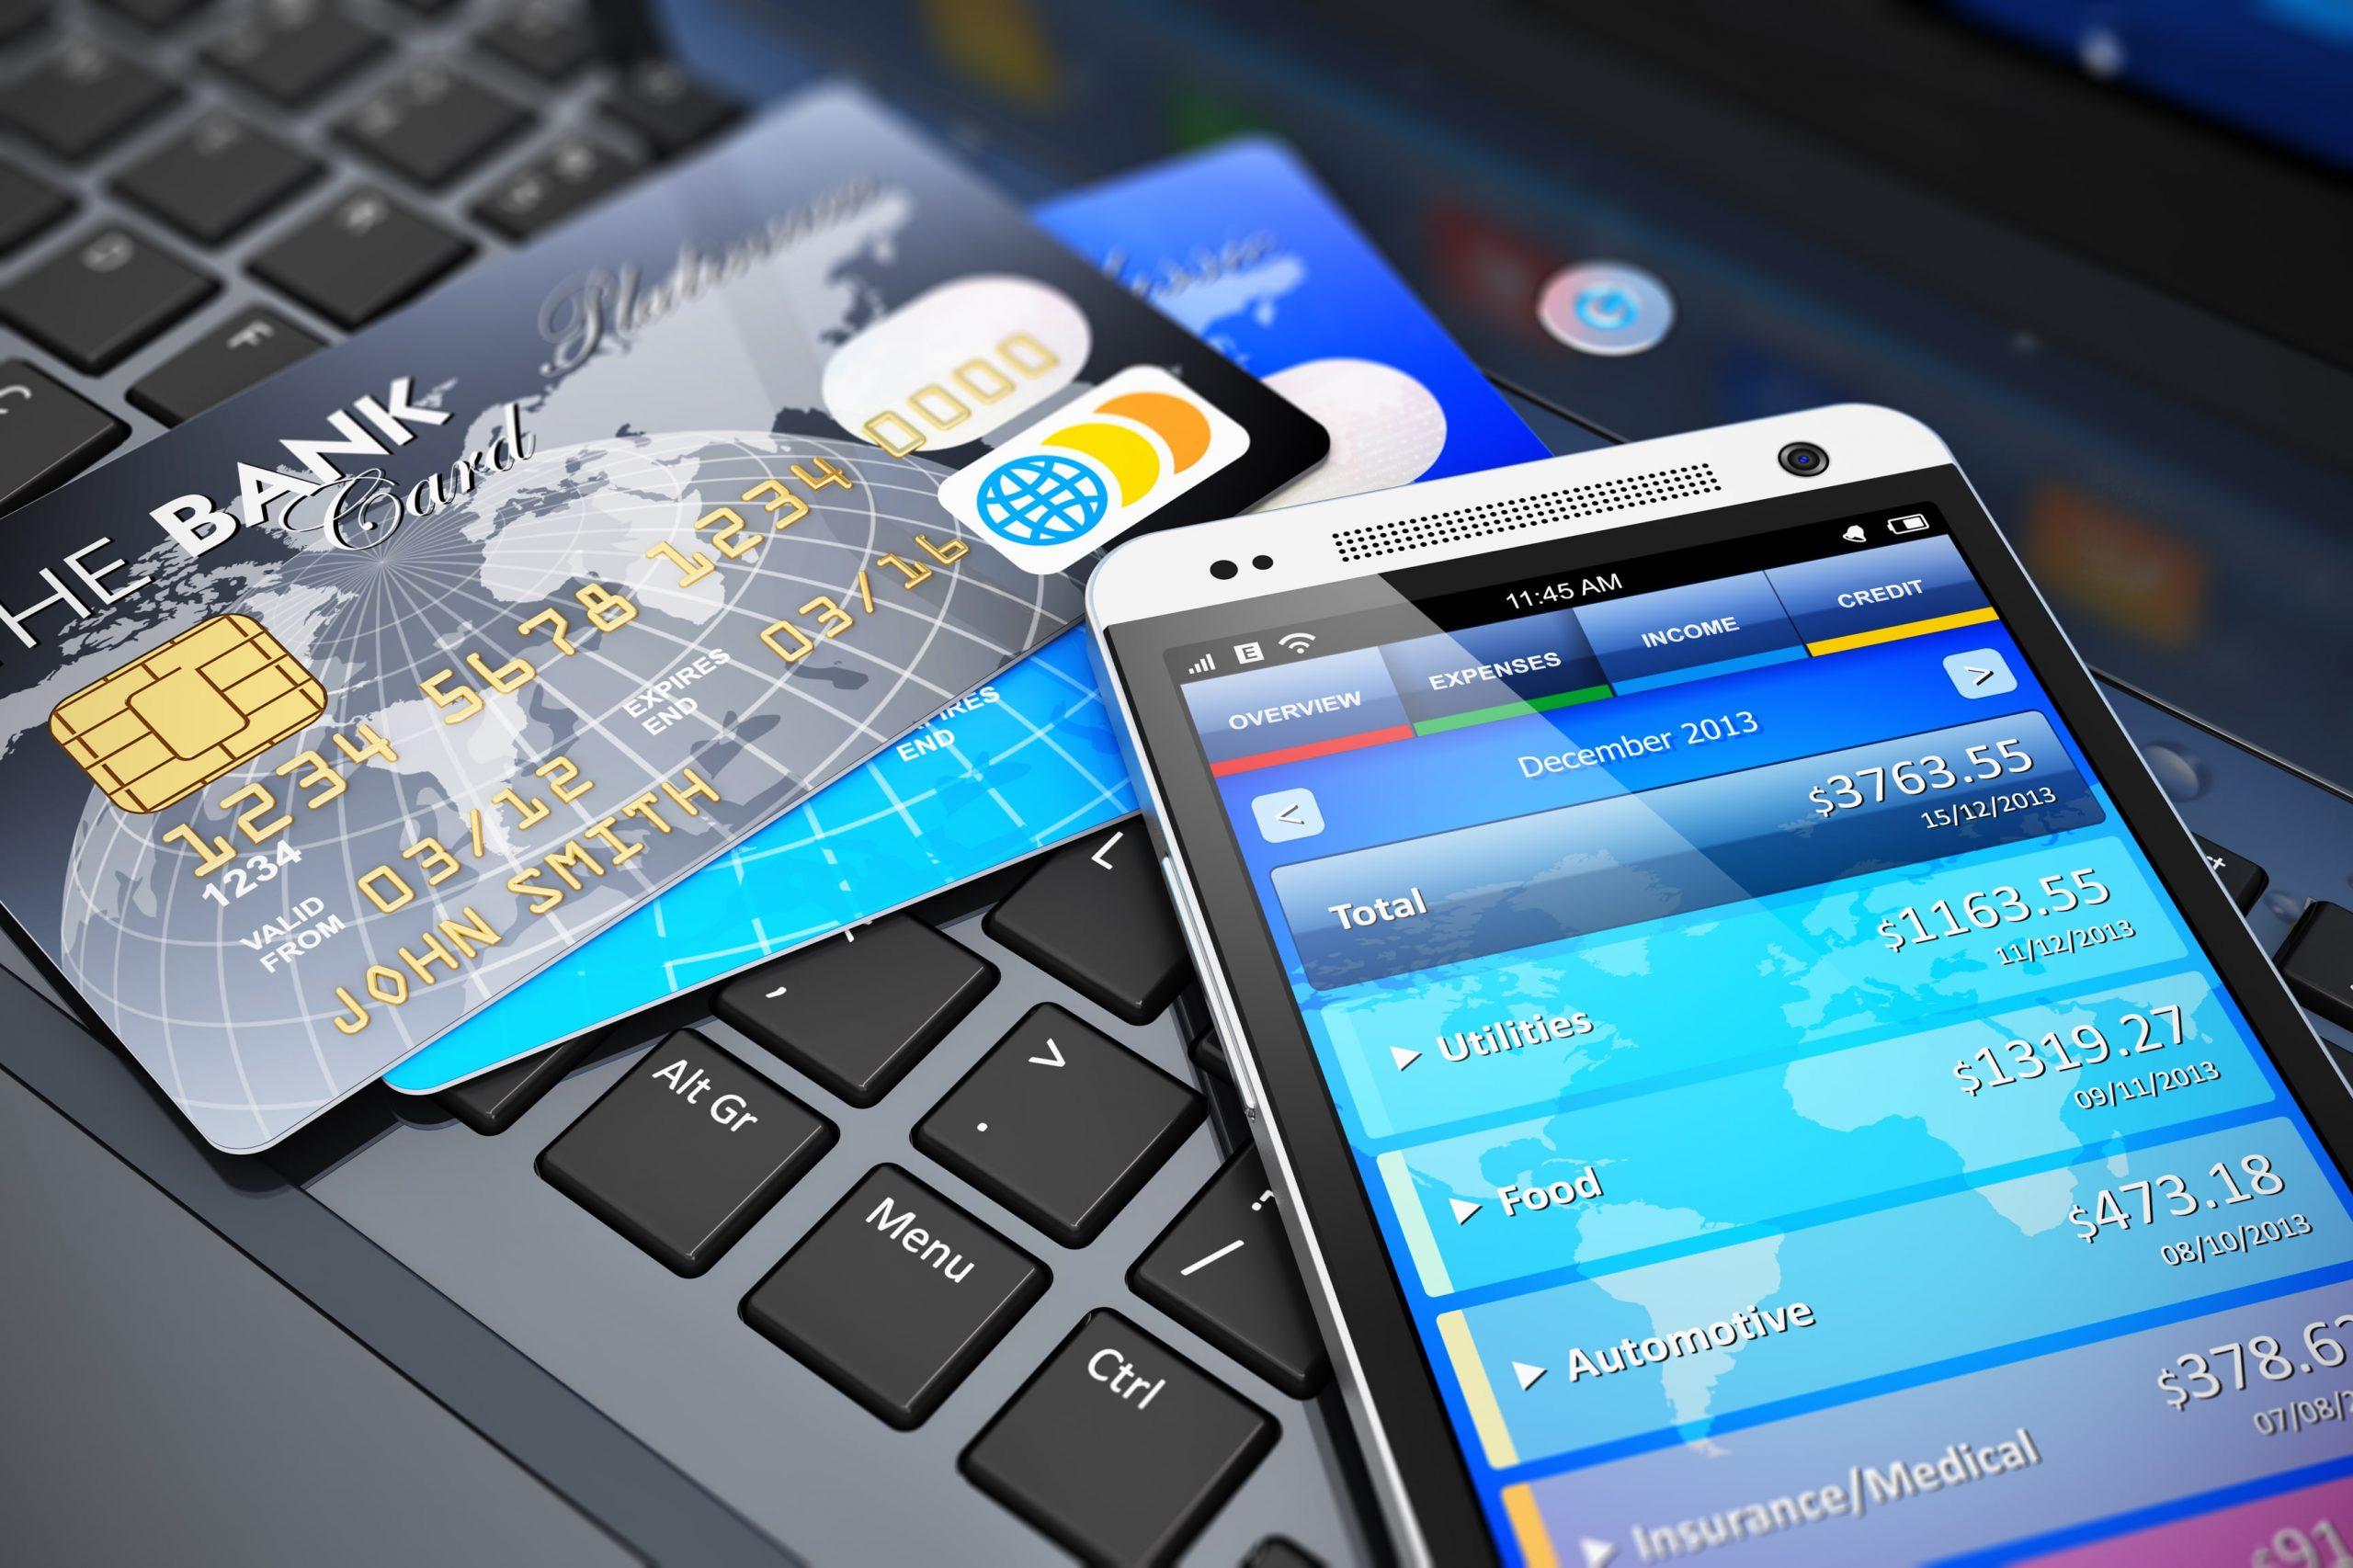 kurumsal ing bank mobil bankacilik ucretleri